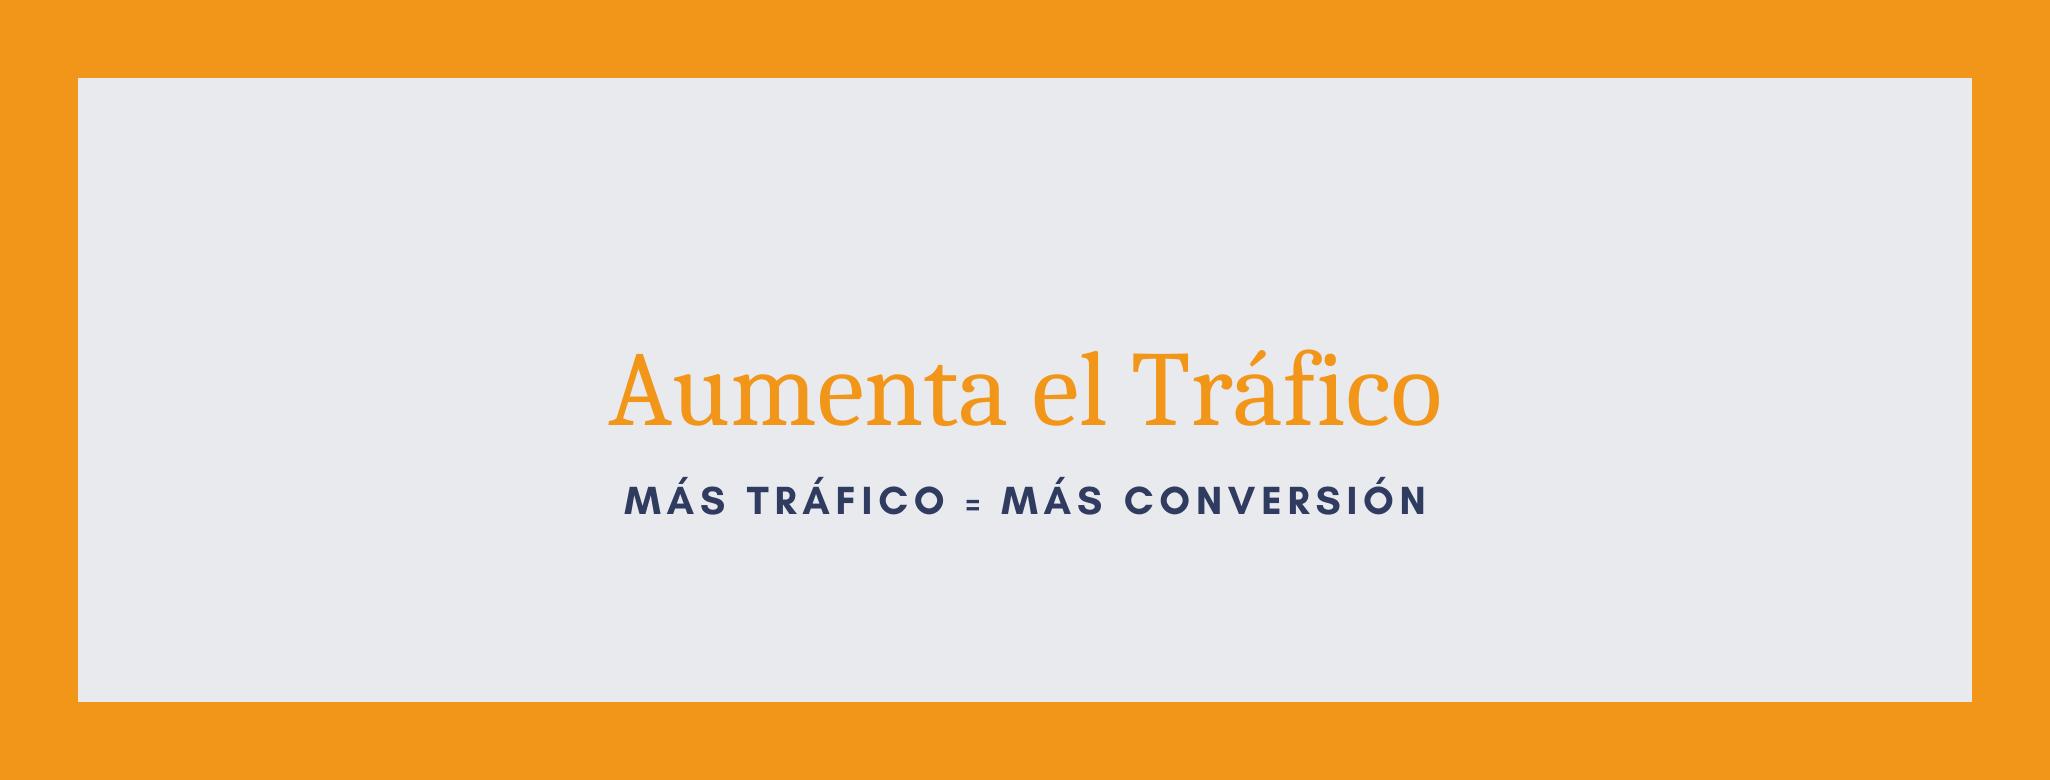 Aumenta el tráfico SEO de tu sitio web.